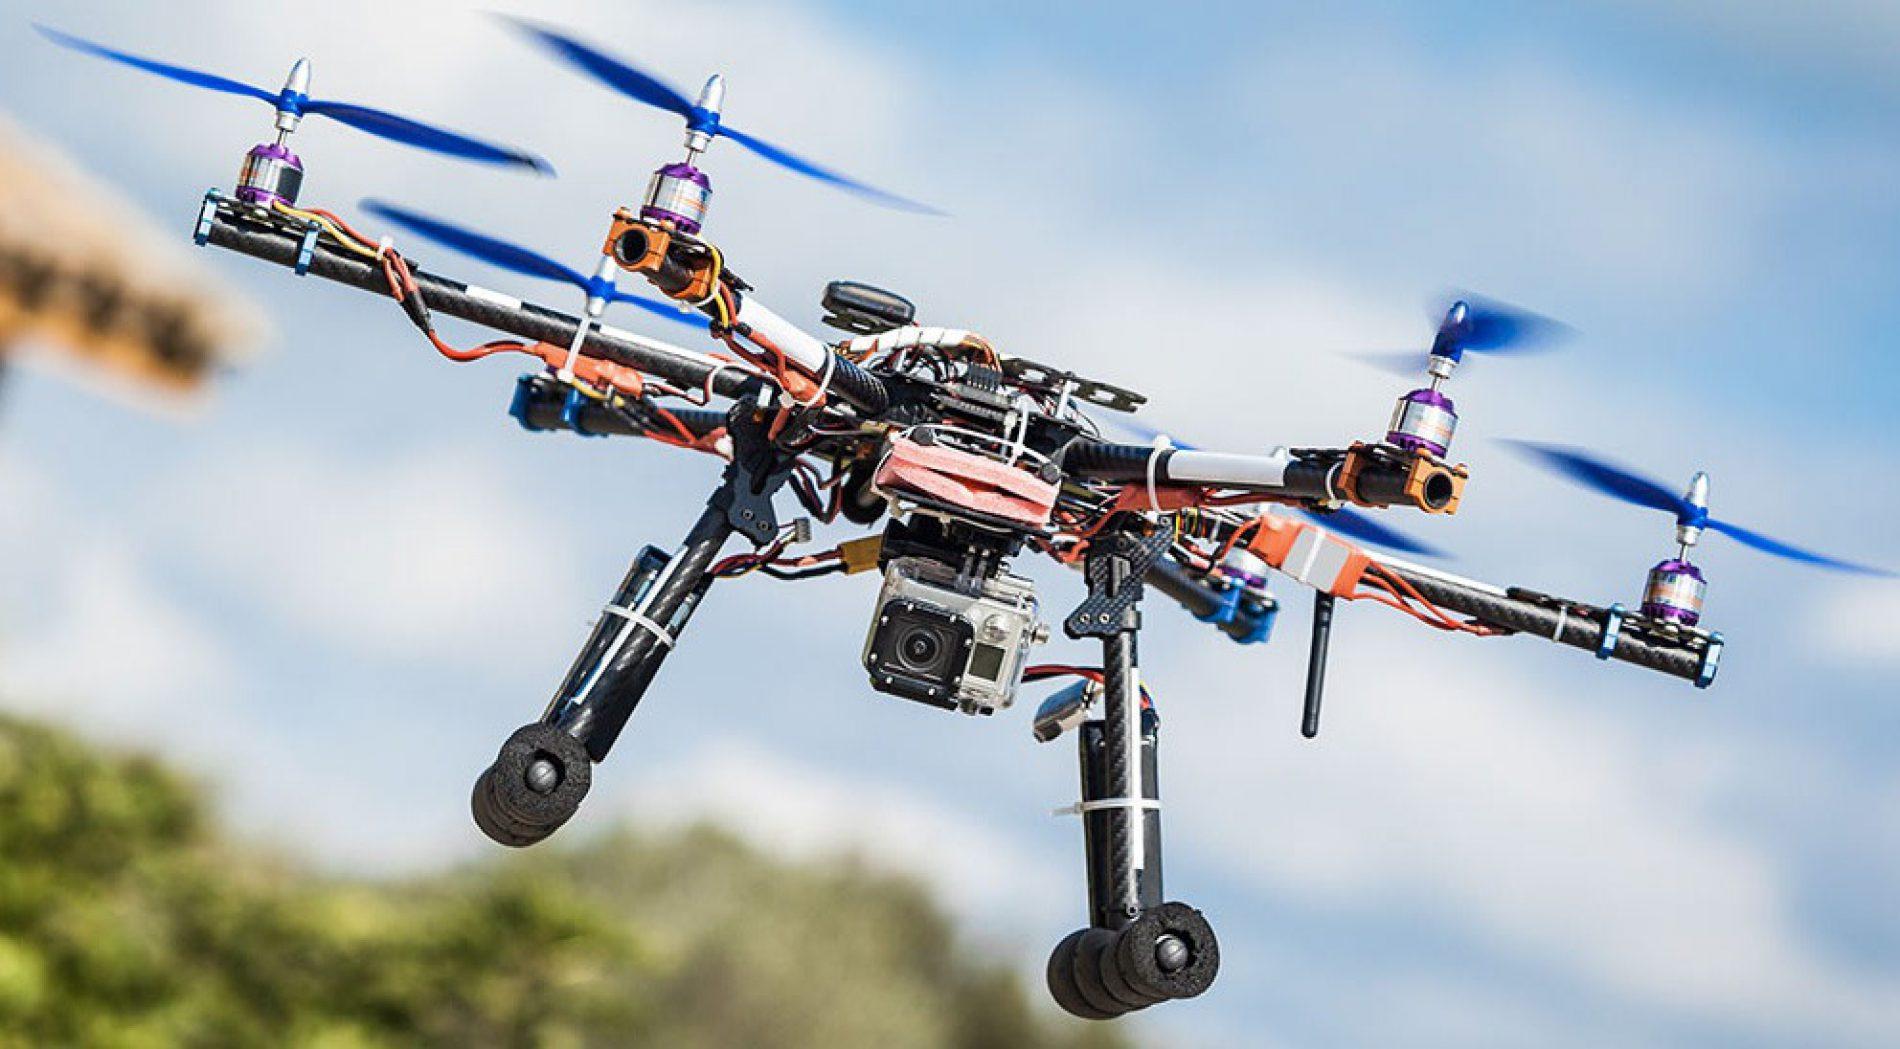 Aumenta l'uso dei droni nel settore edile